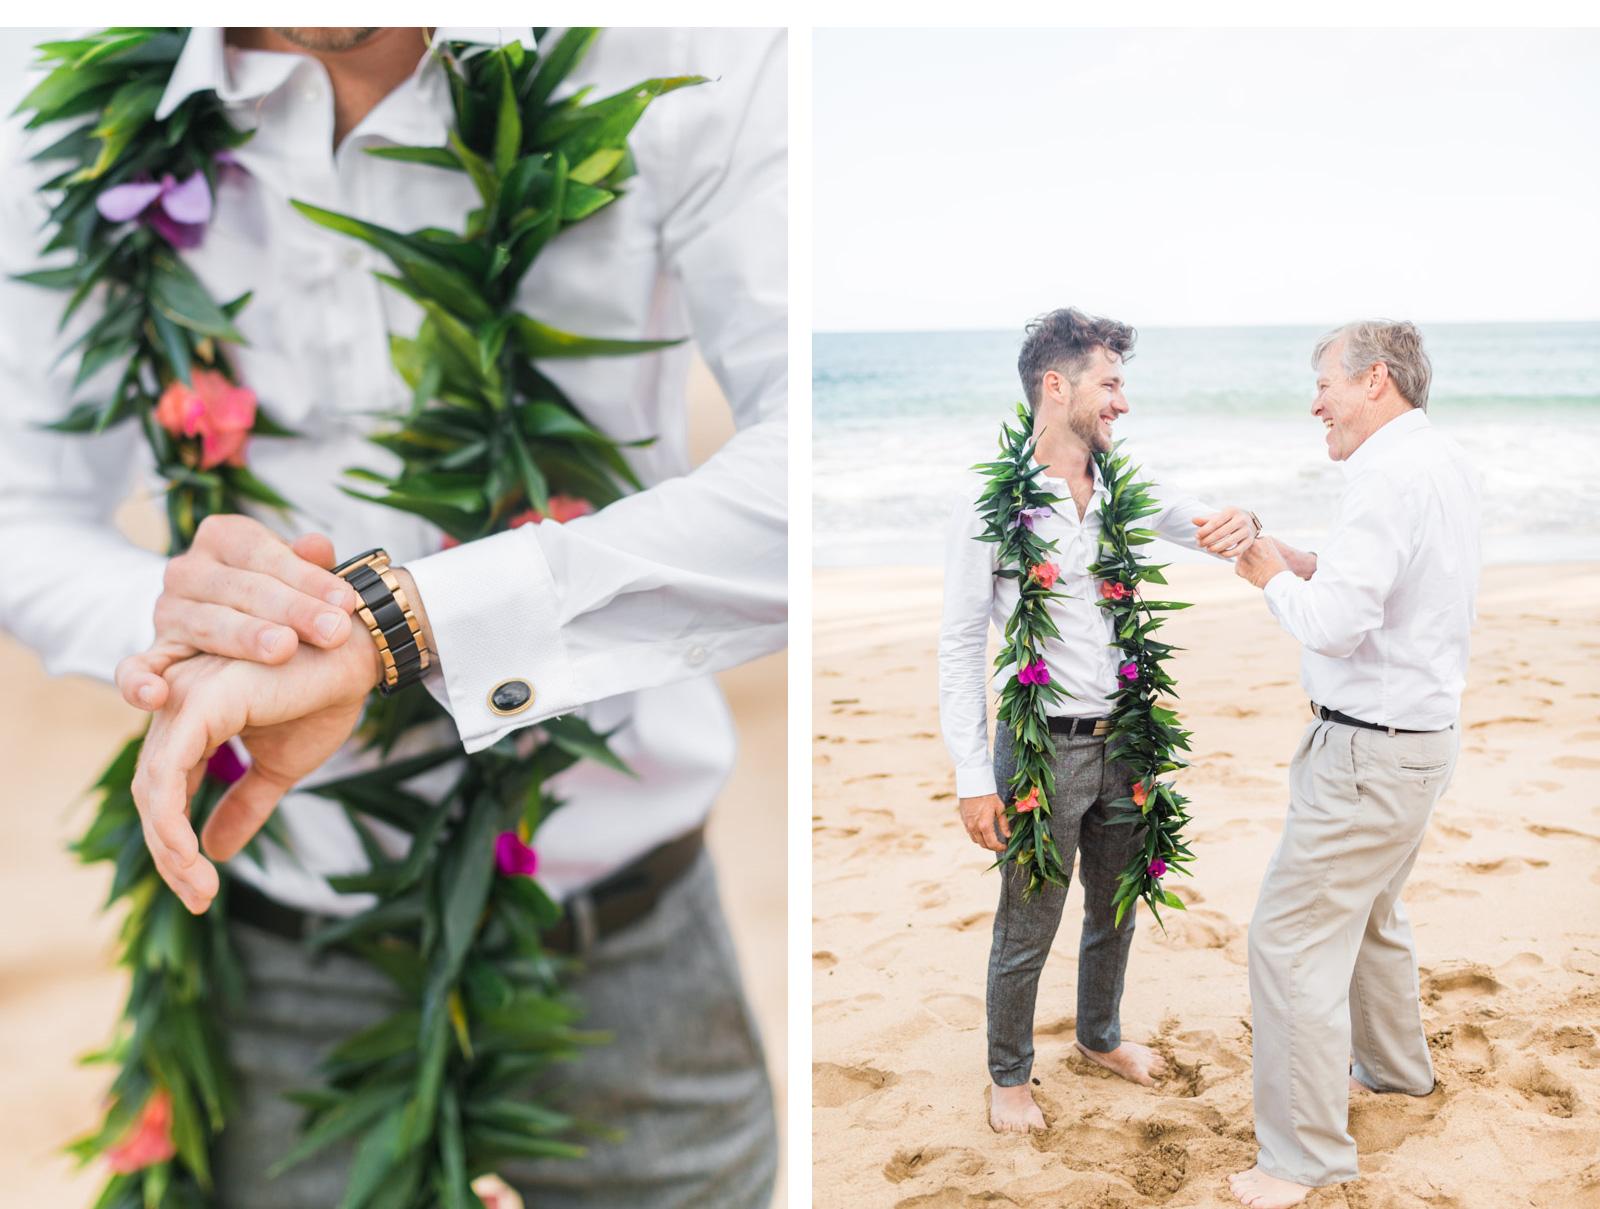 Natalie-Schutt-Photography--Maui-Wedding-Photographer_02.jpg